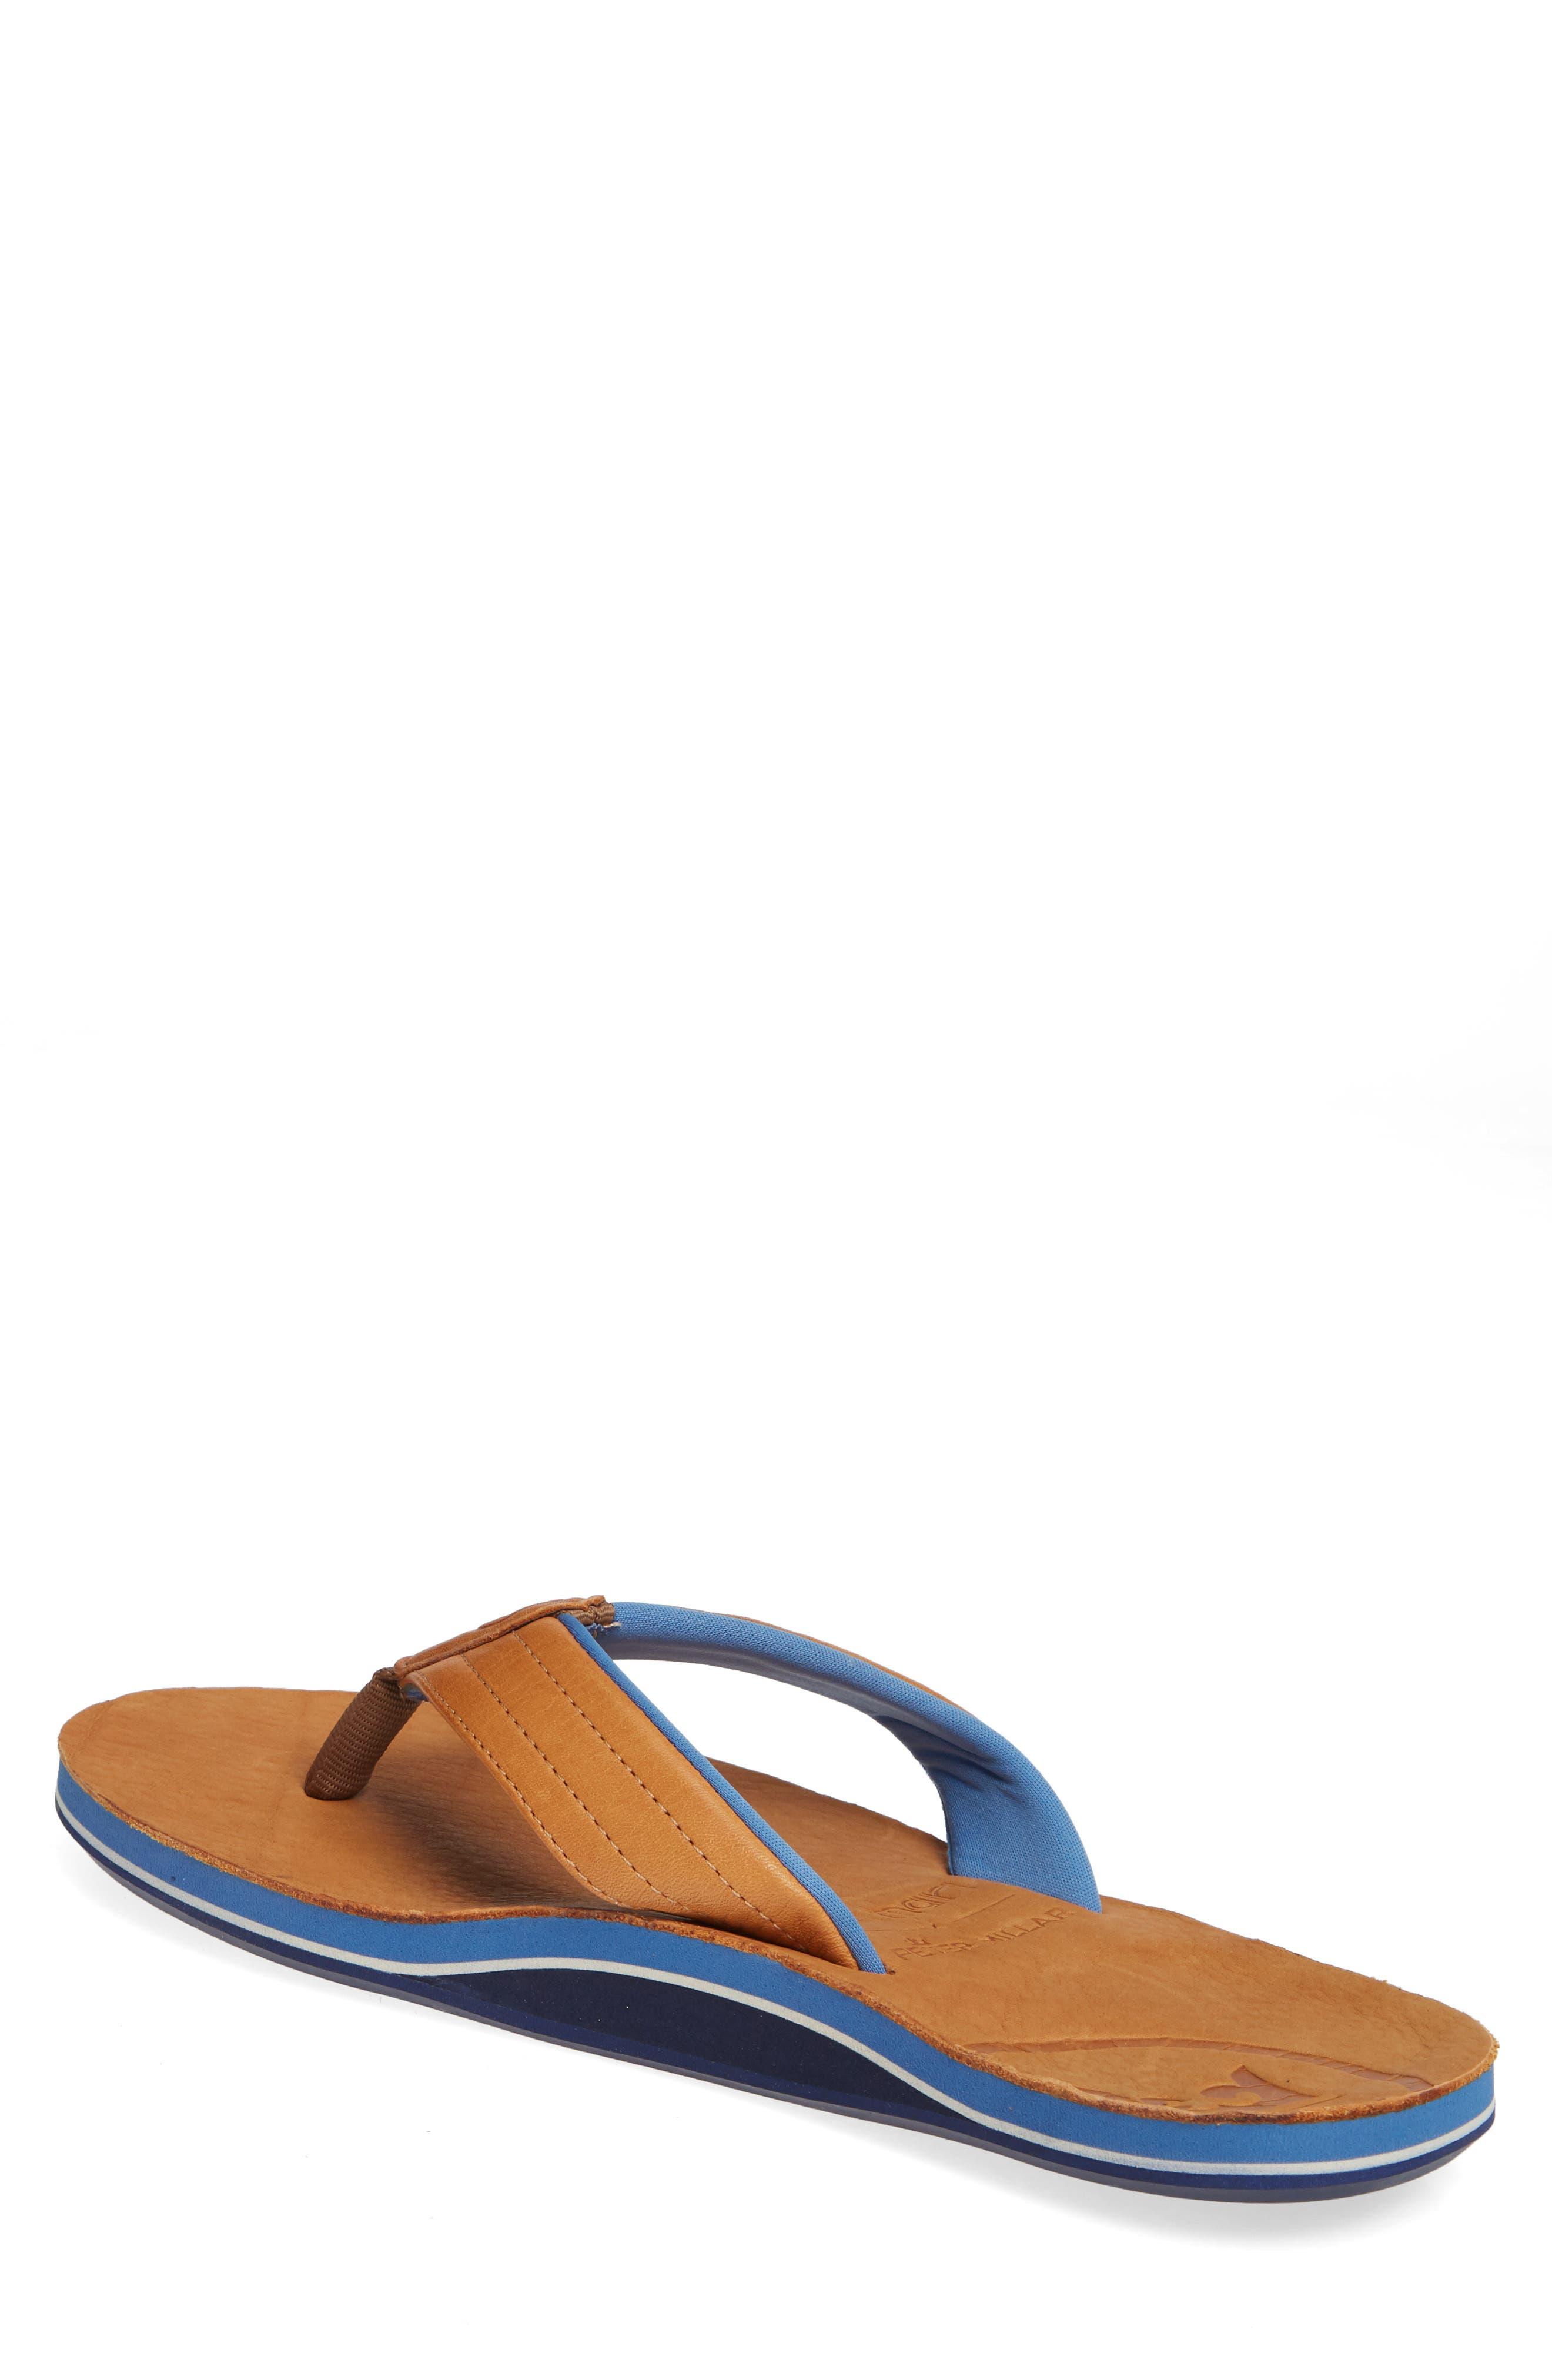 71da21c07 miller sandal